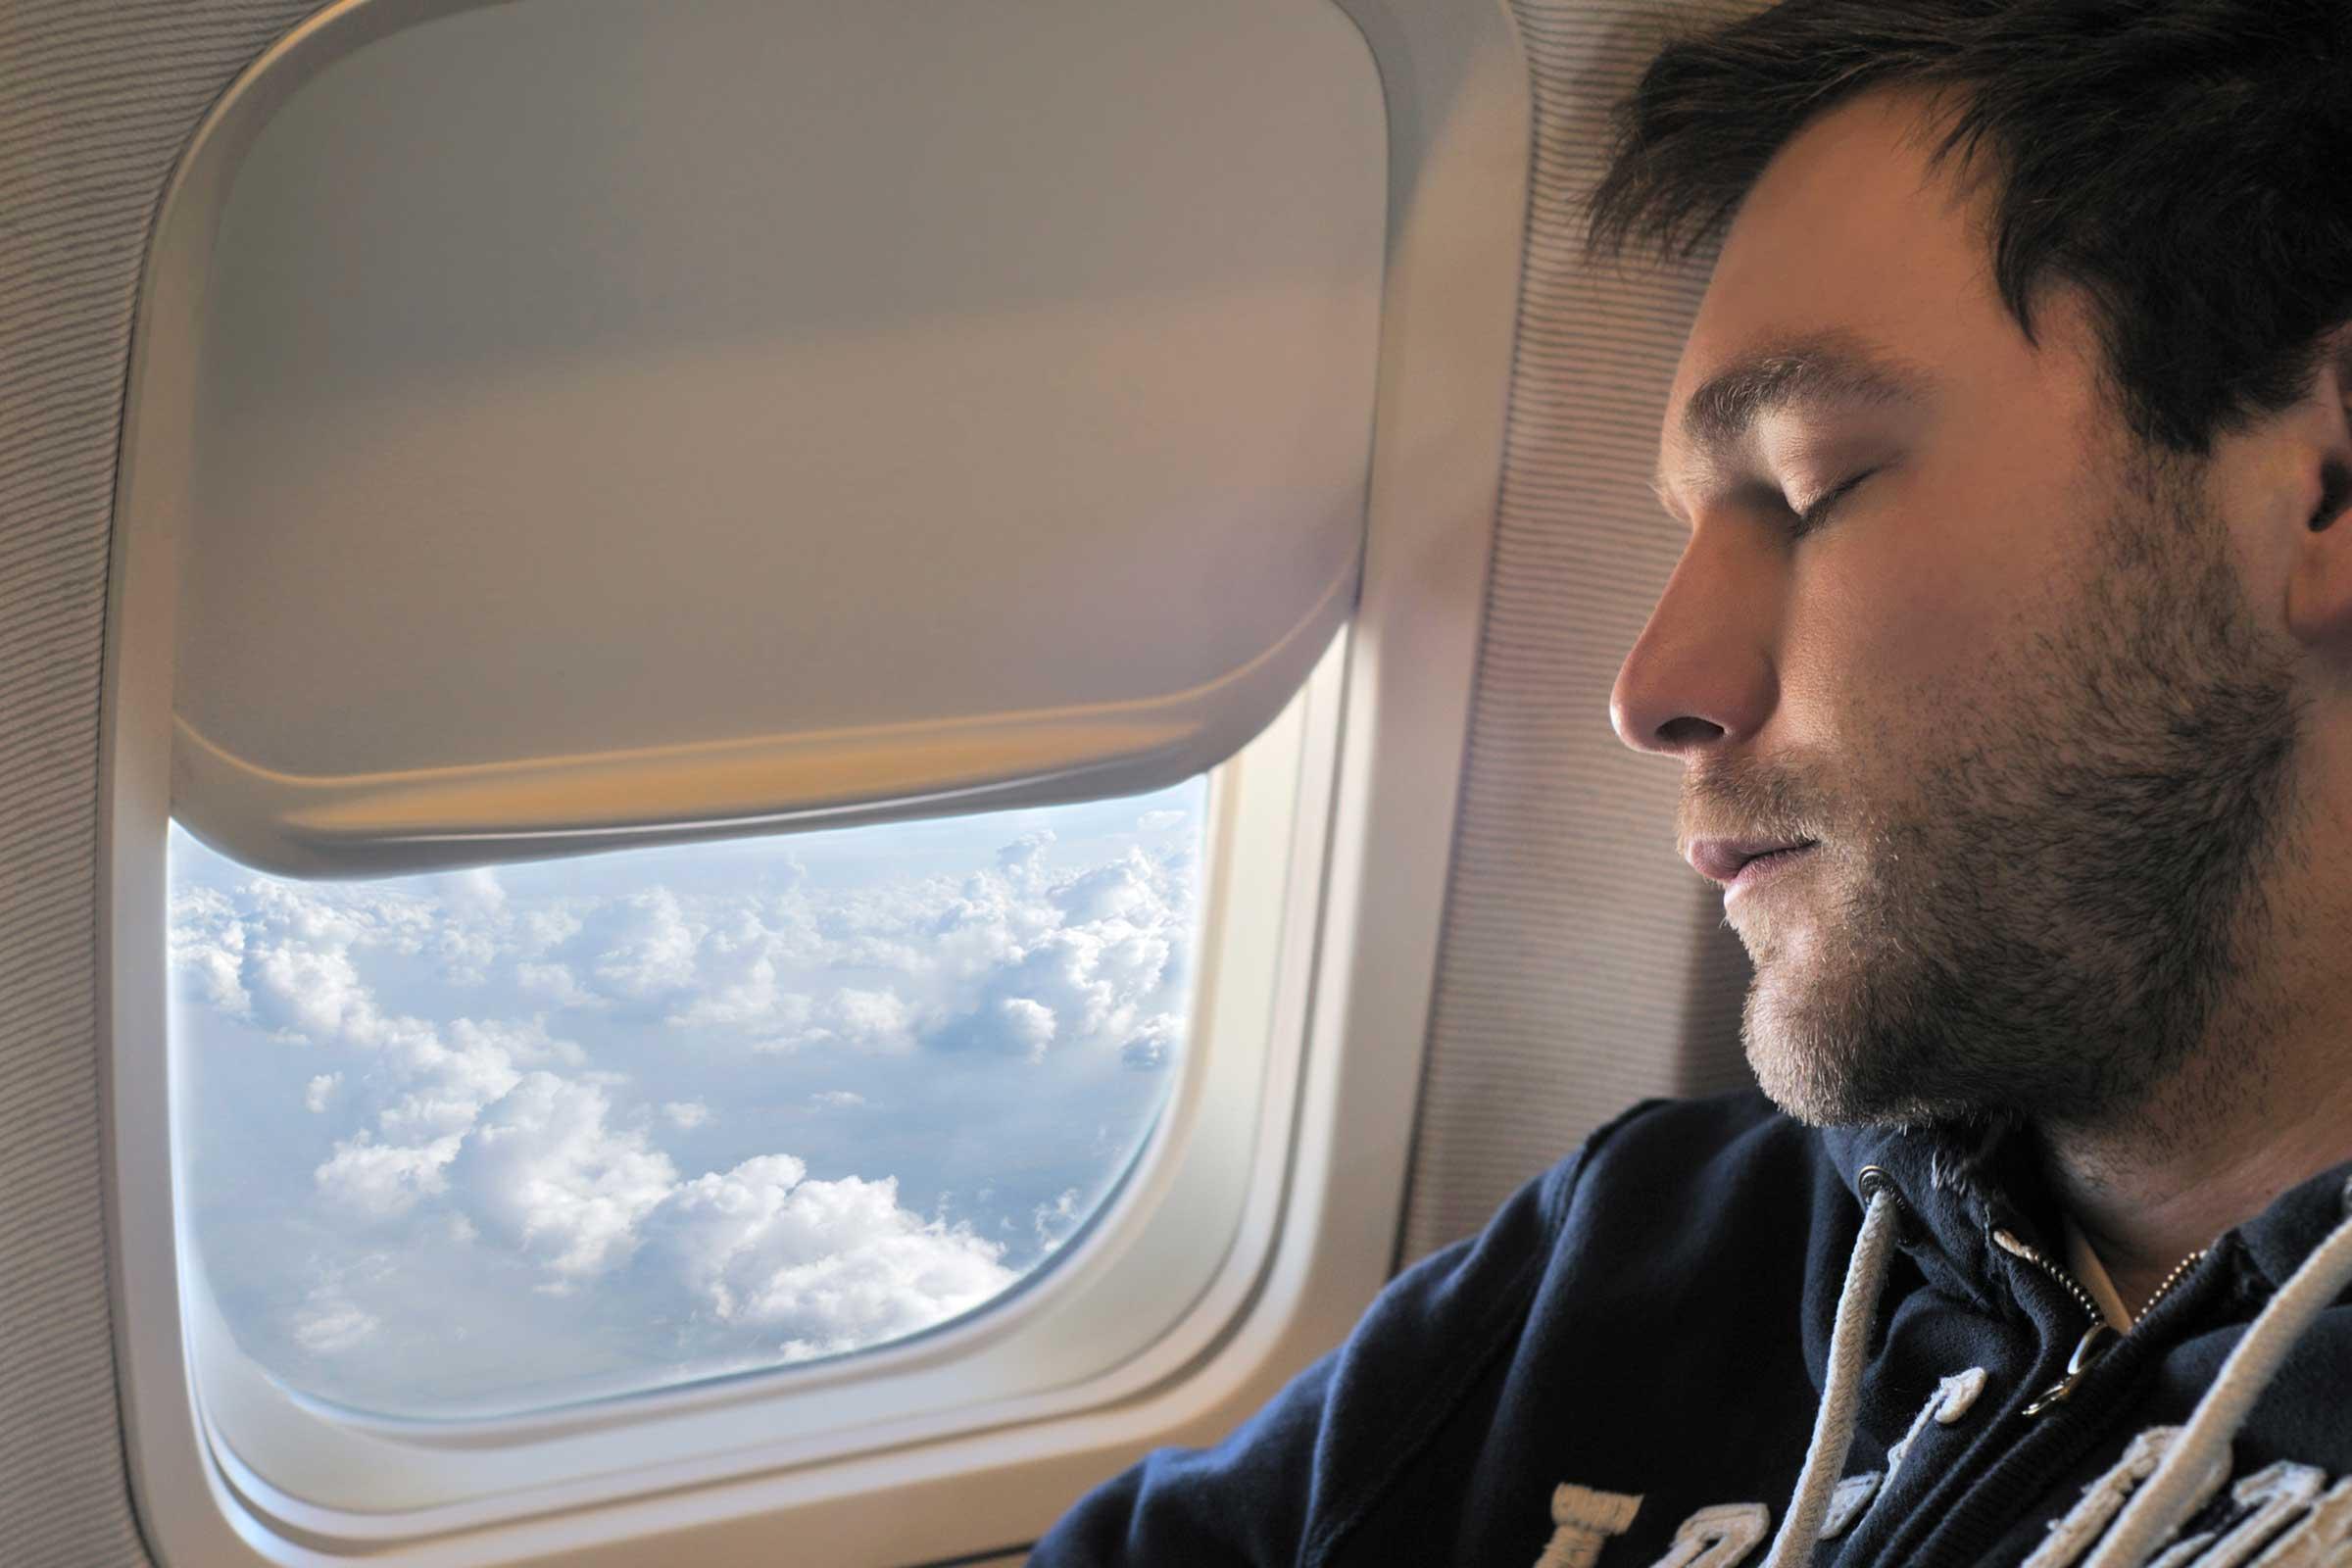 ١٣ شئ لا تفعله ابداً علي متن الطائرة